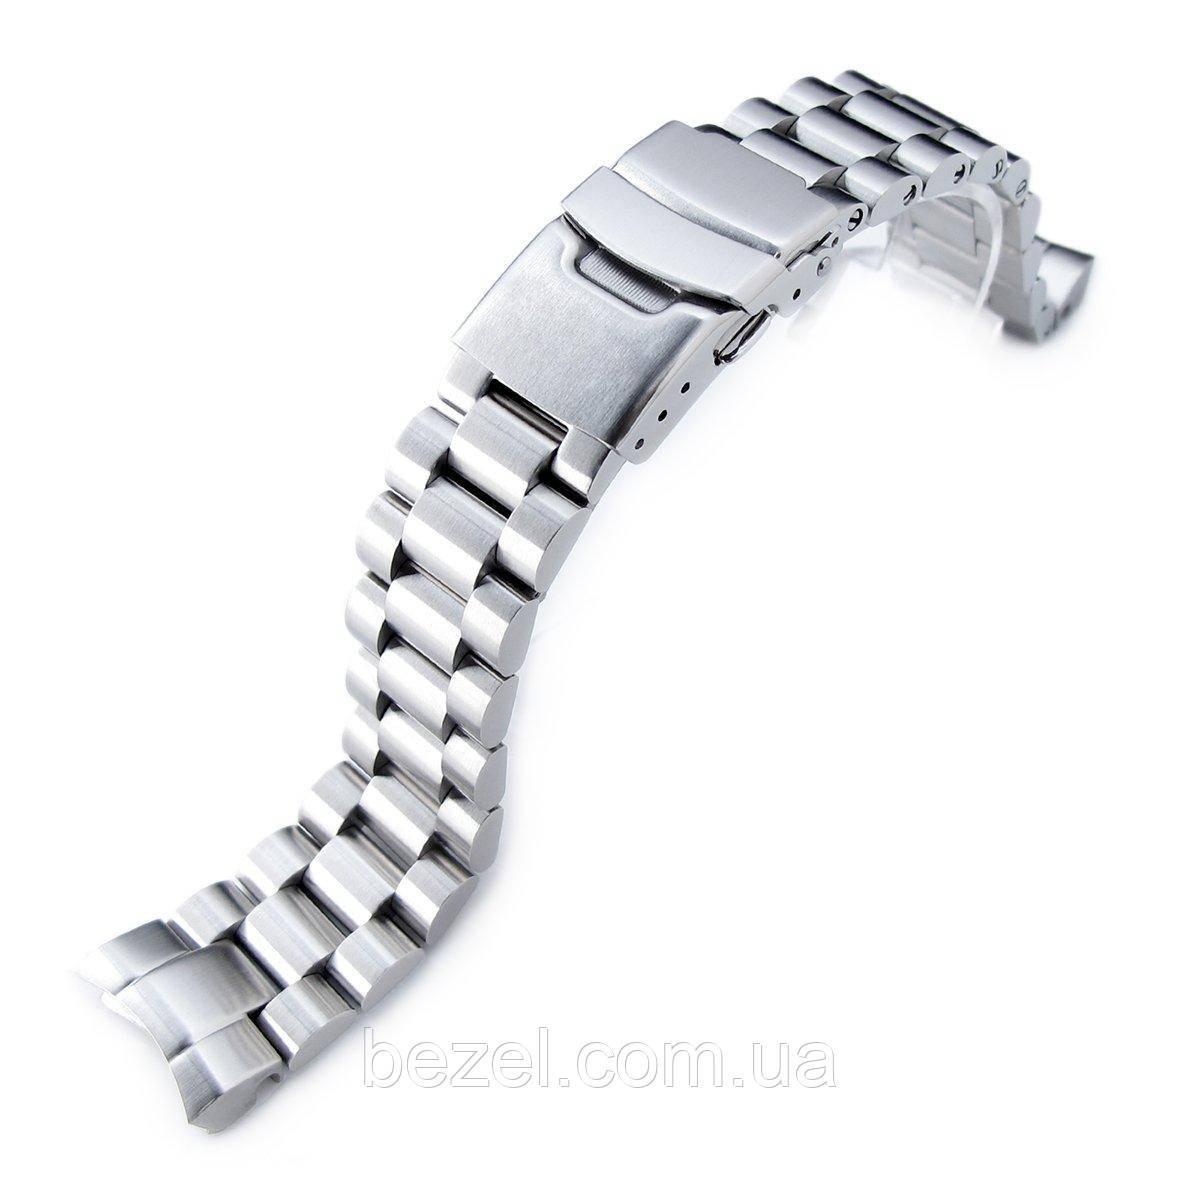 20mm Endmill watch band for SEIKO Sumo SBDC001, SBDC003, SBDC005, SBDC031, SBDC033